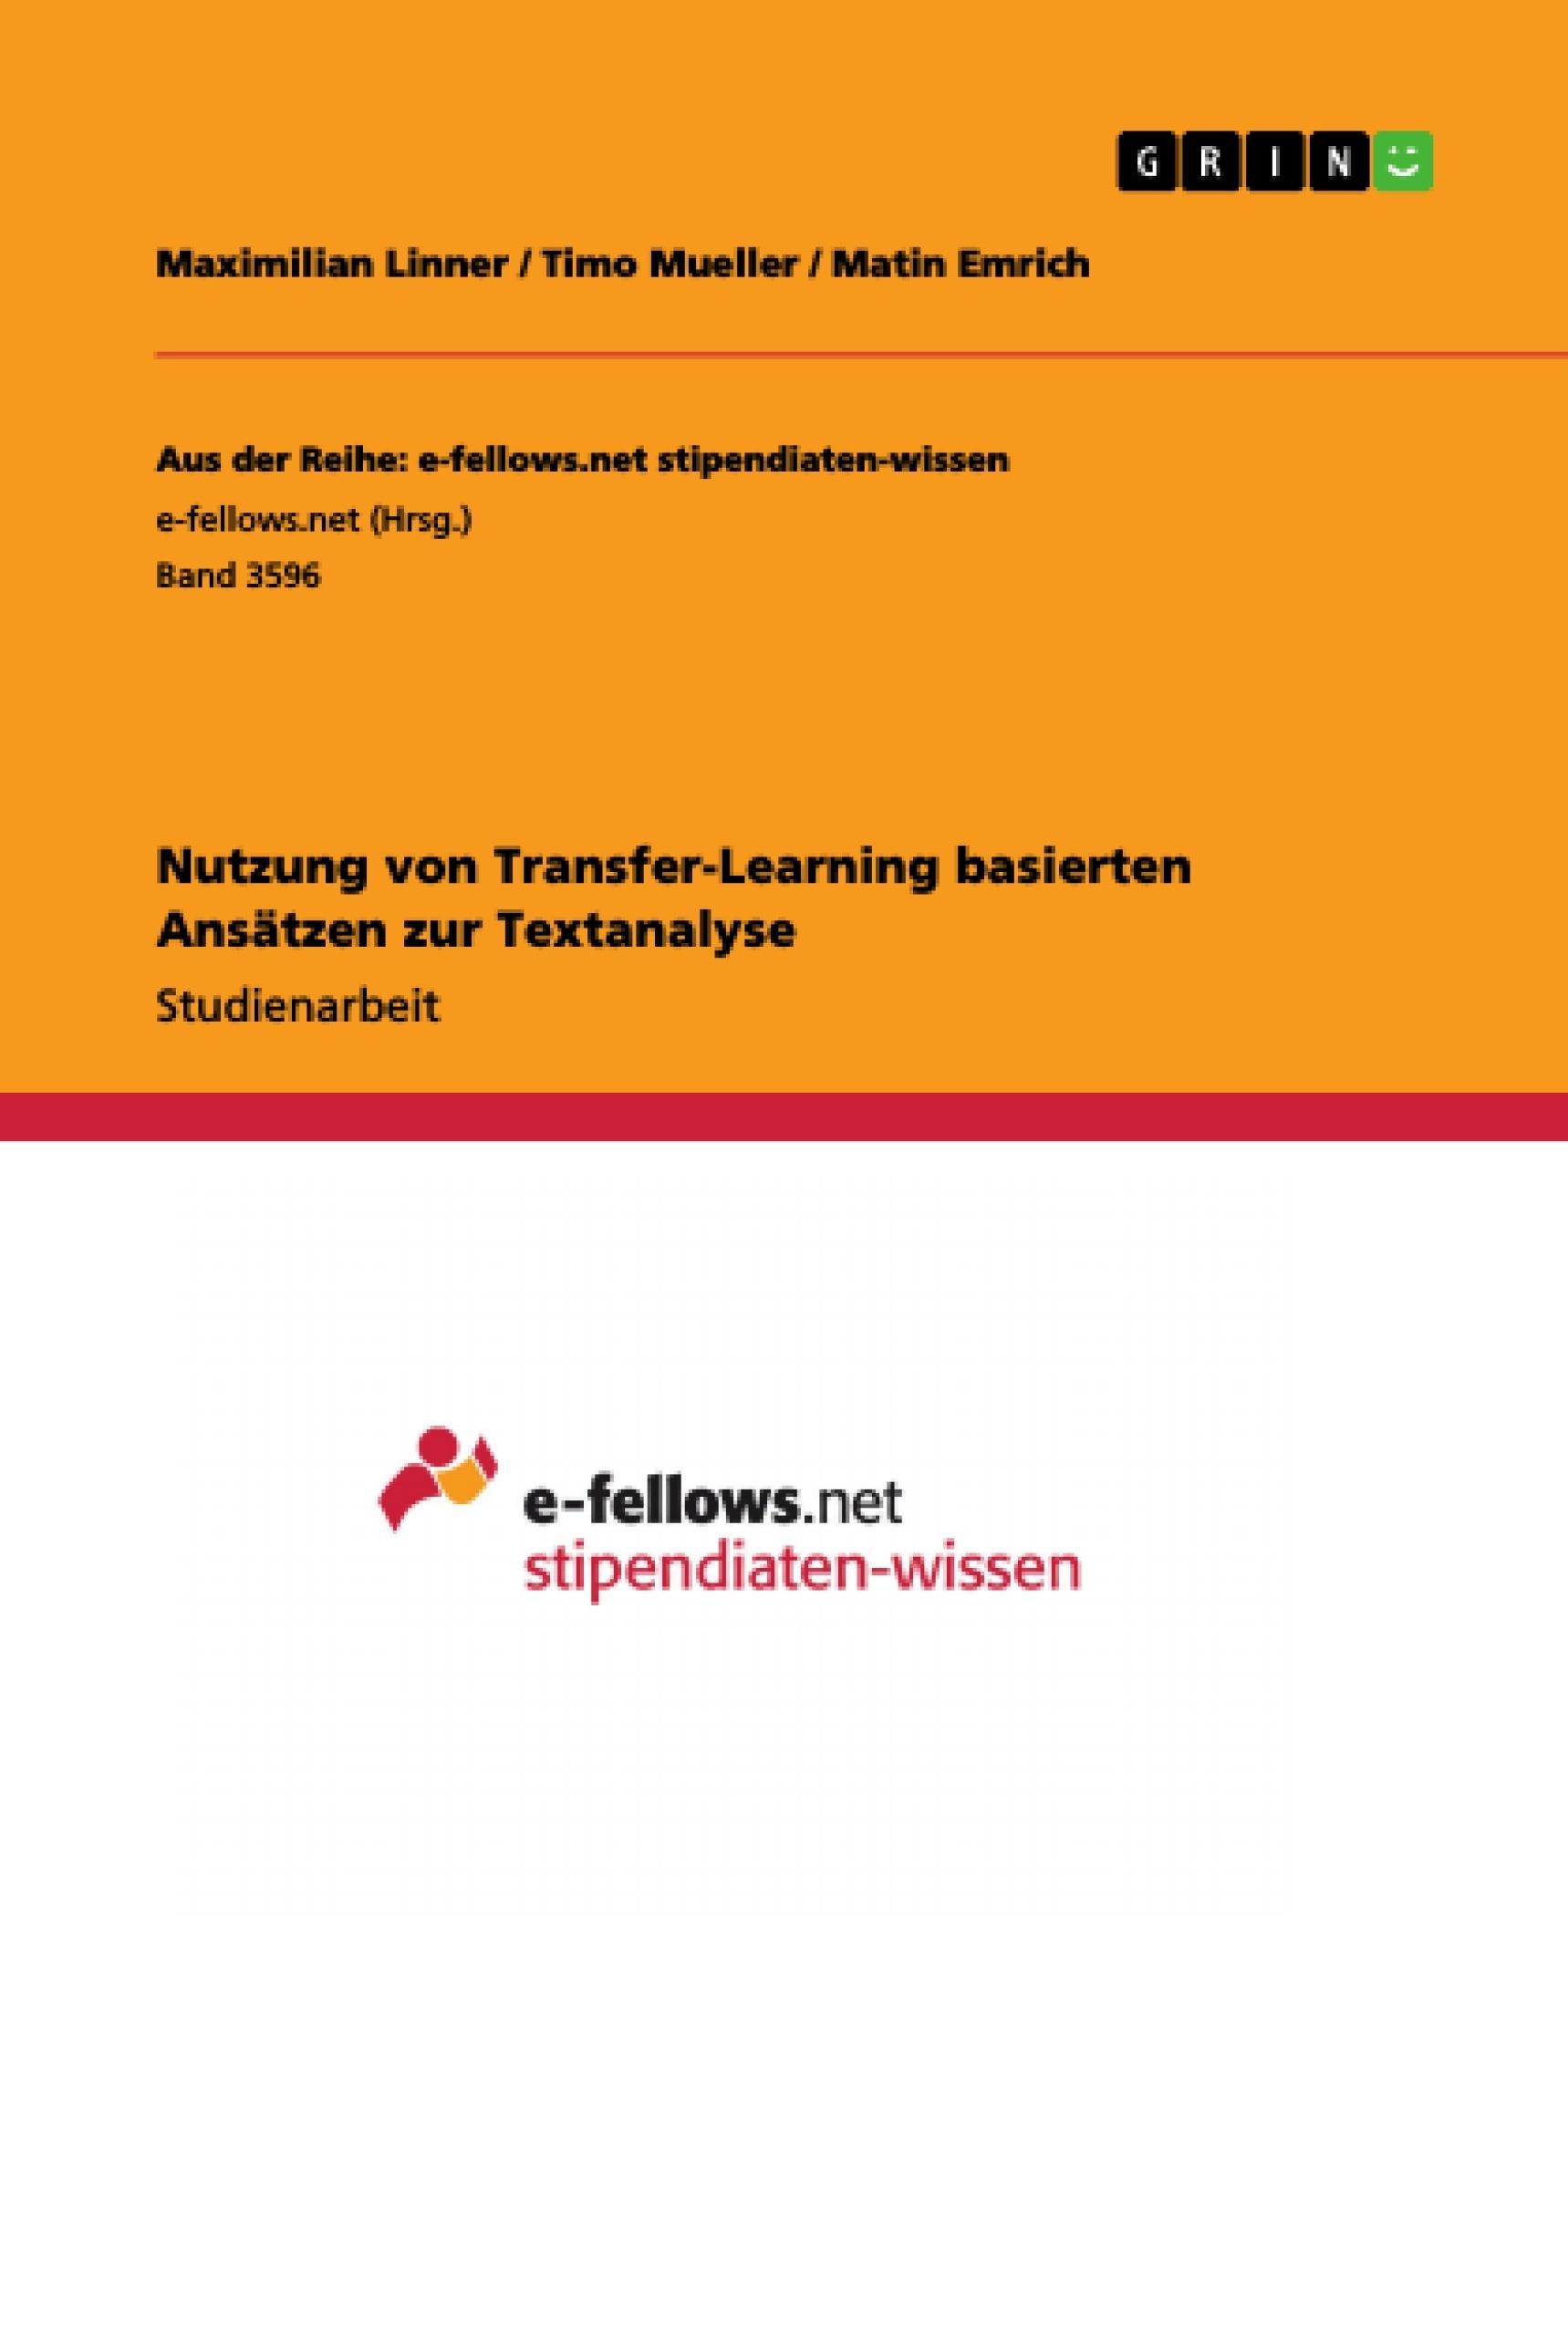 Titel: Nutzung von Transfer-Learning basierten Ansätzen zur Textanalyse